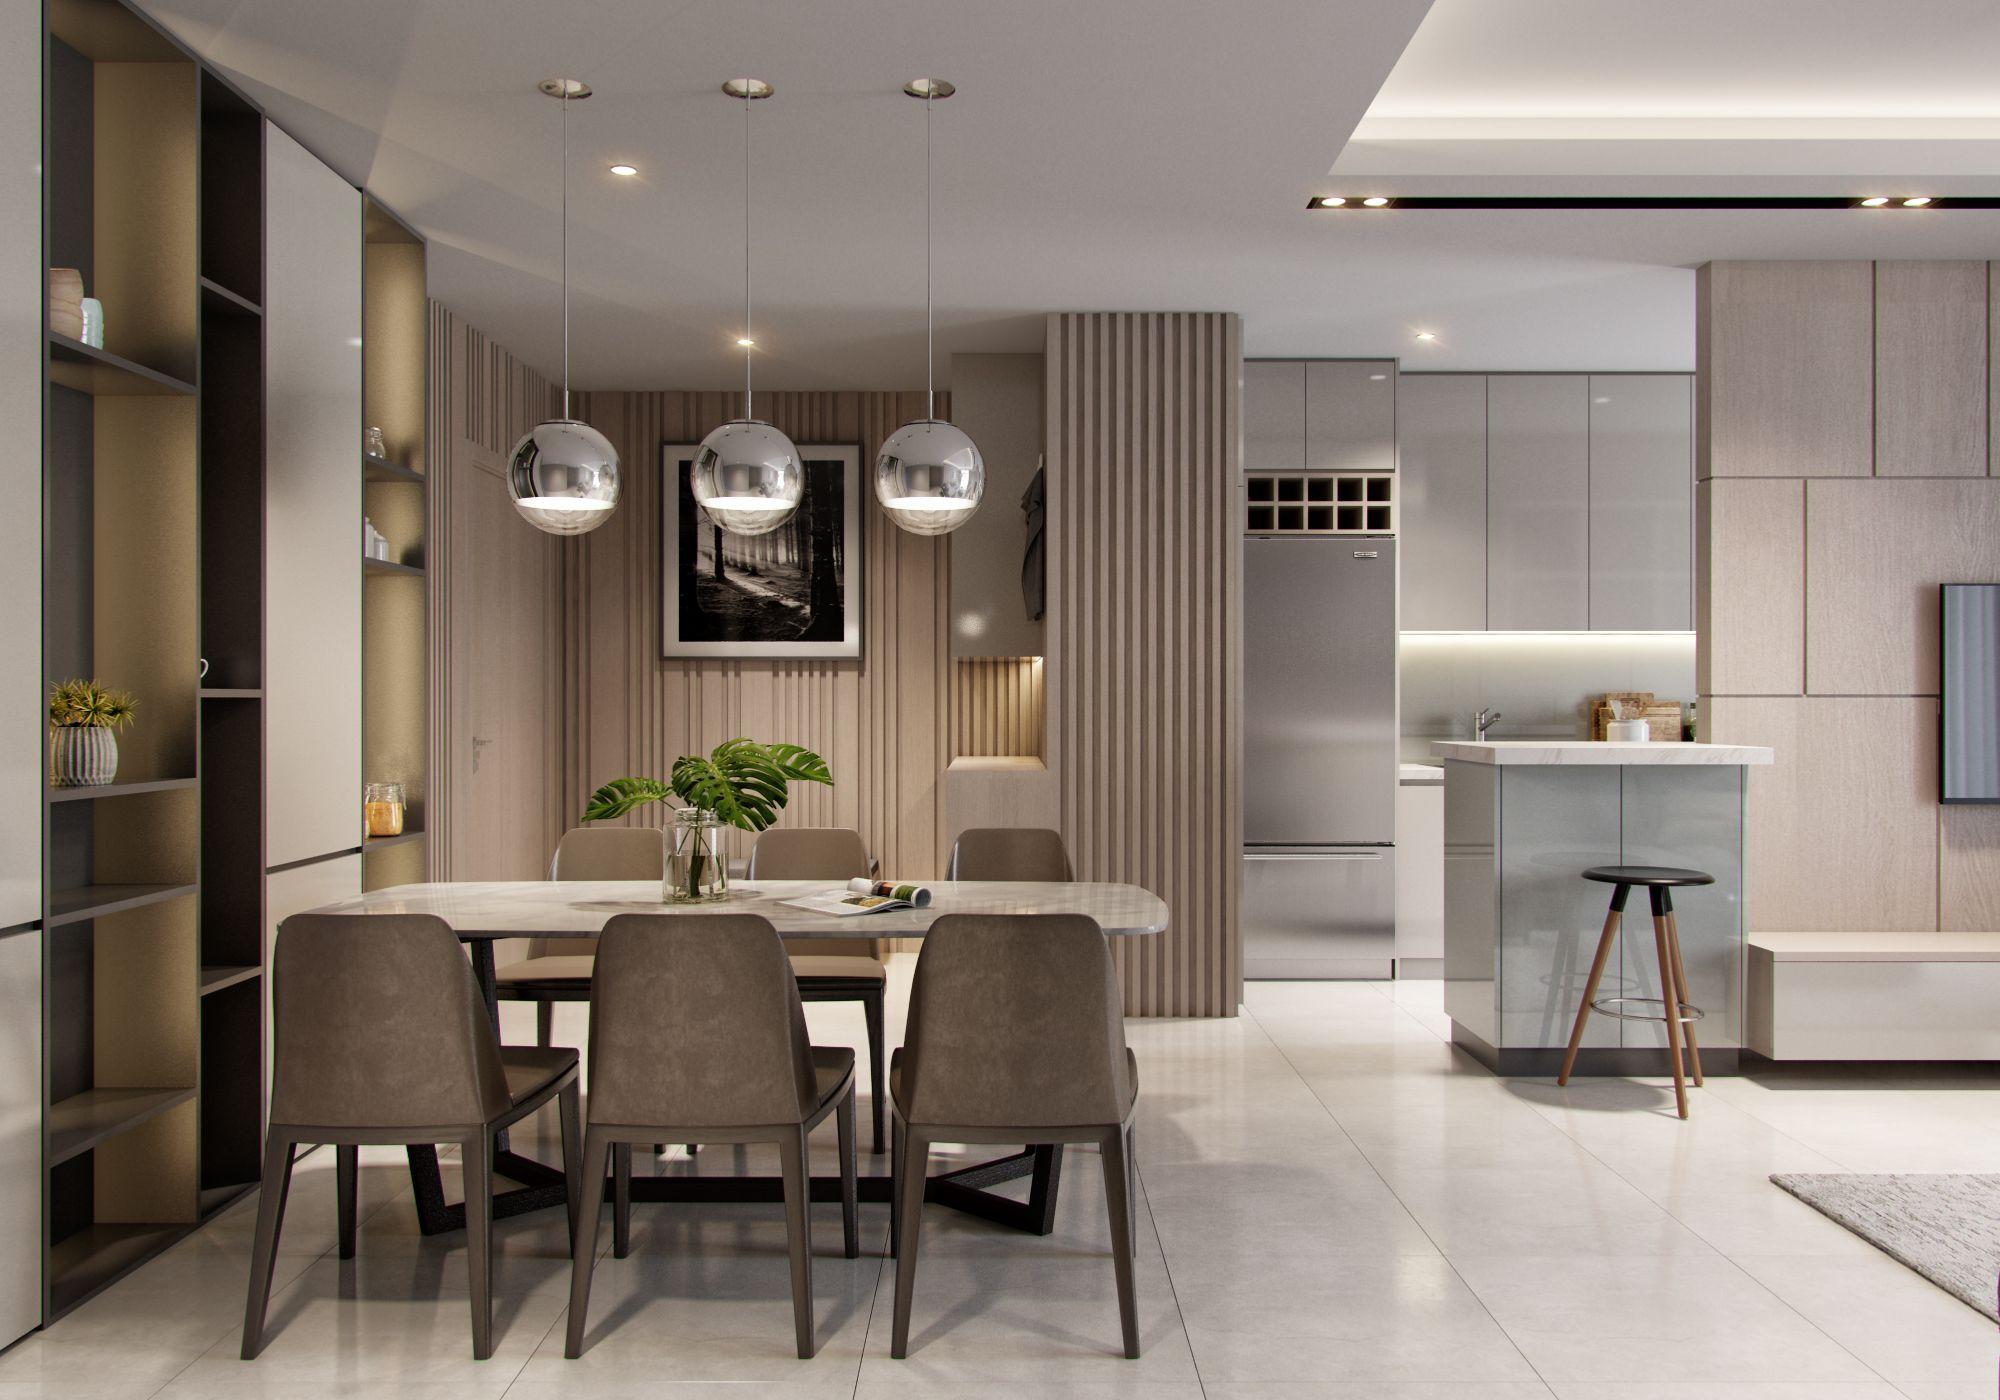 Apartment Interior Design Dining Room Condo Interior Design